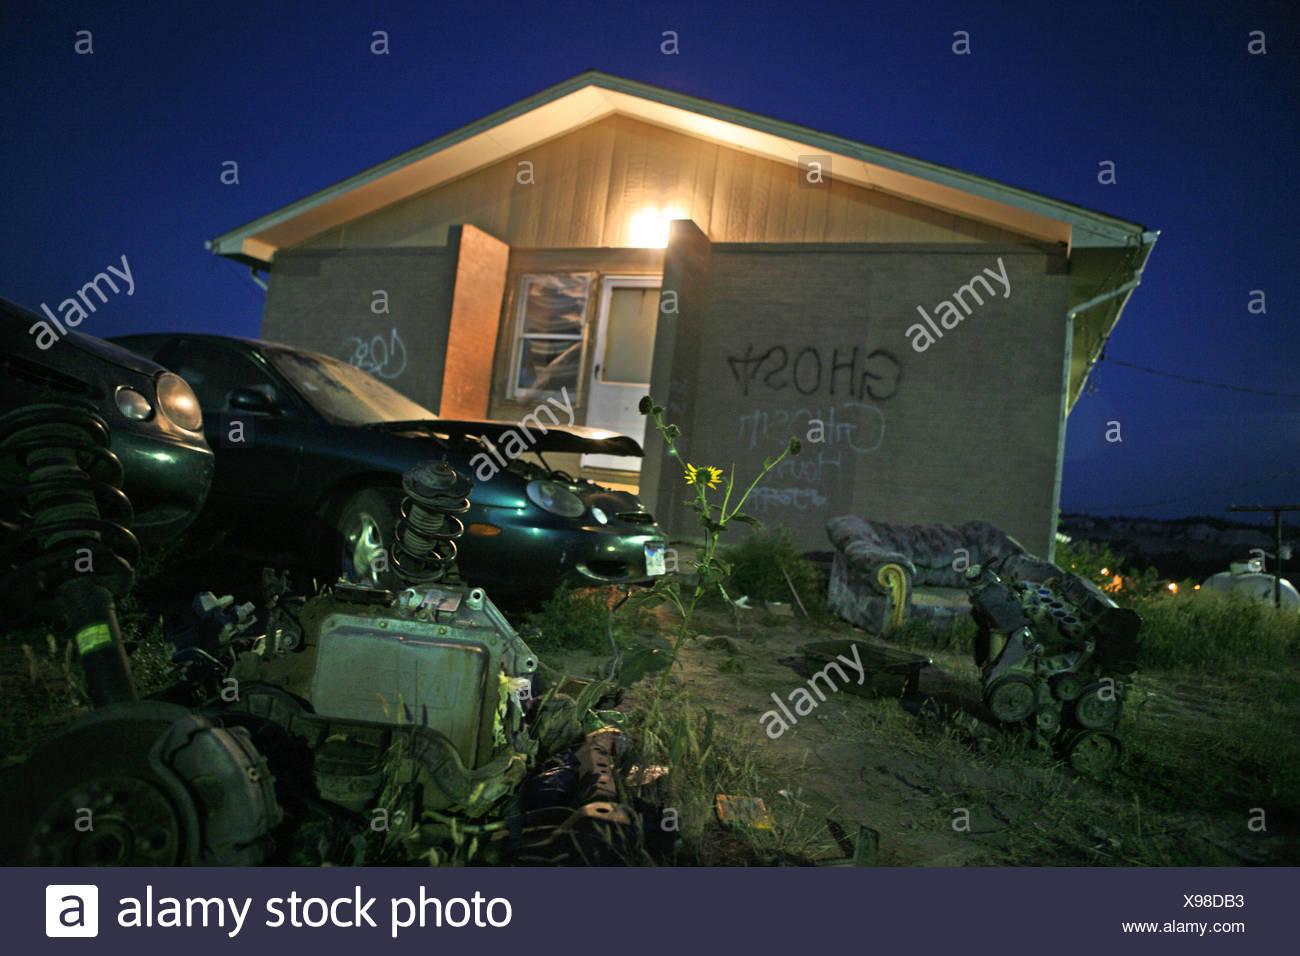 Un dormitorio casa donde viven 15 personas. Imagen De Stock